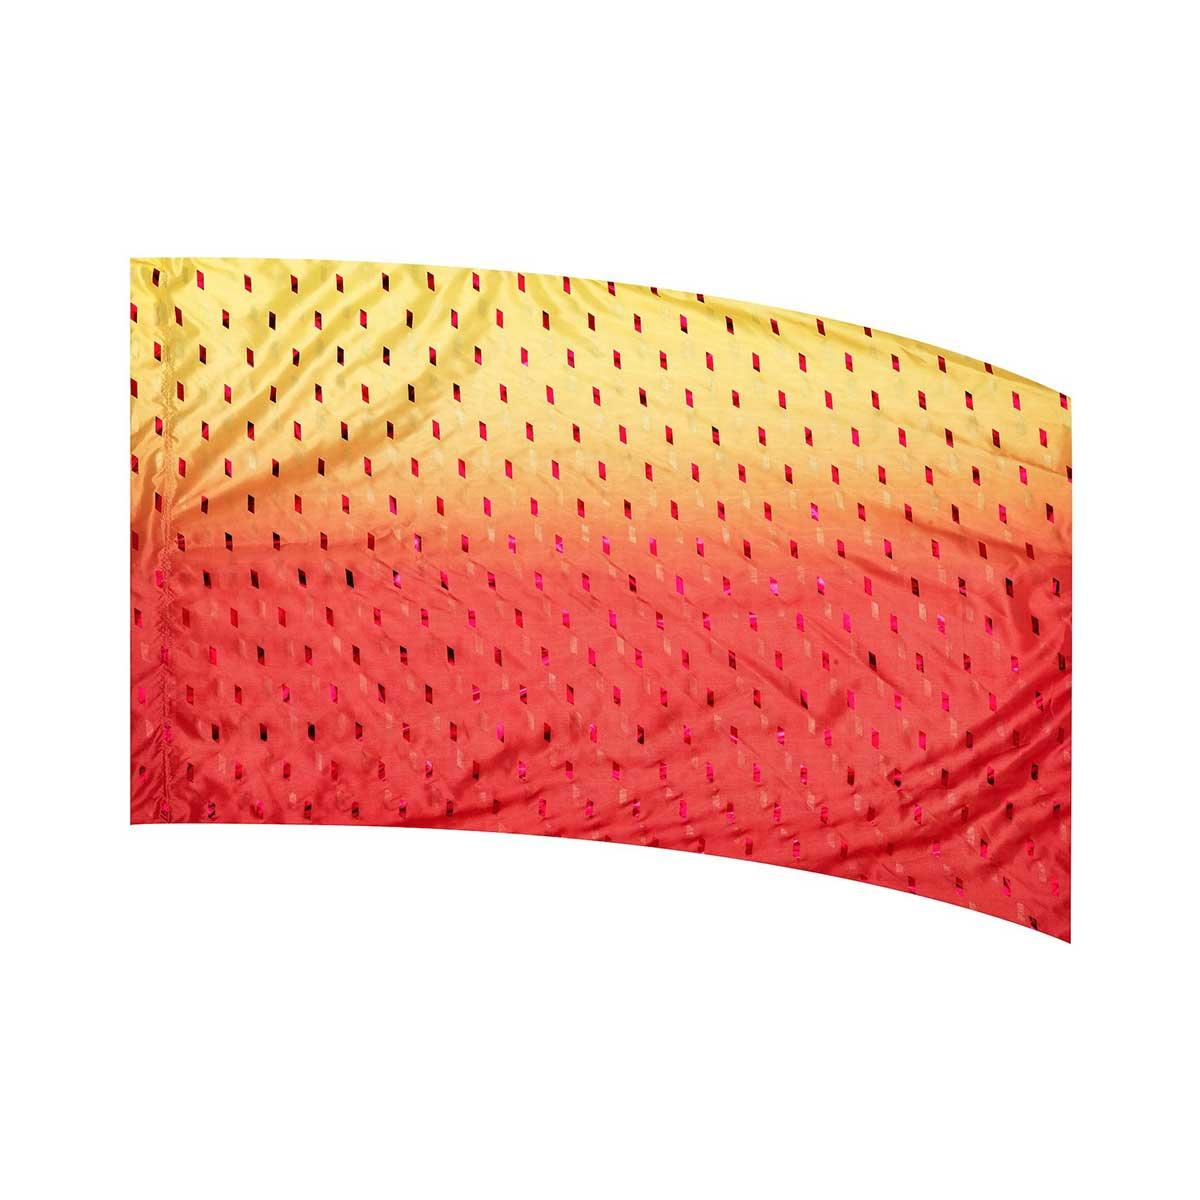 In-Stock Genesis Flags: 1003